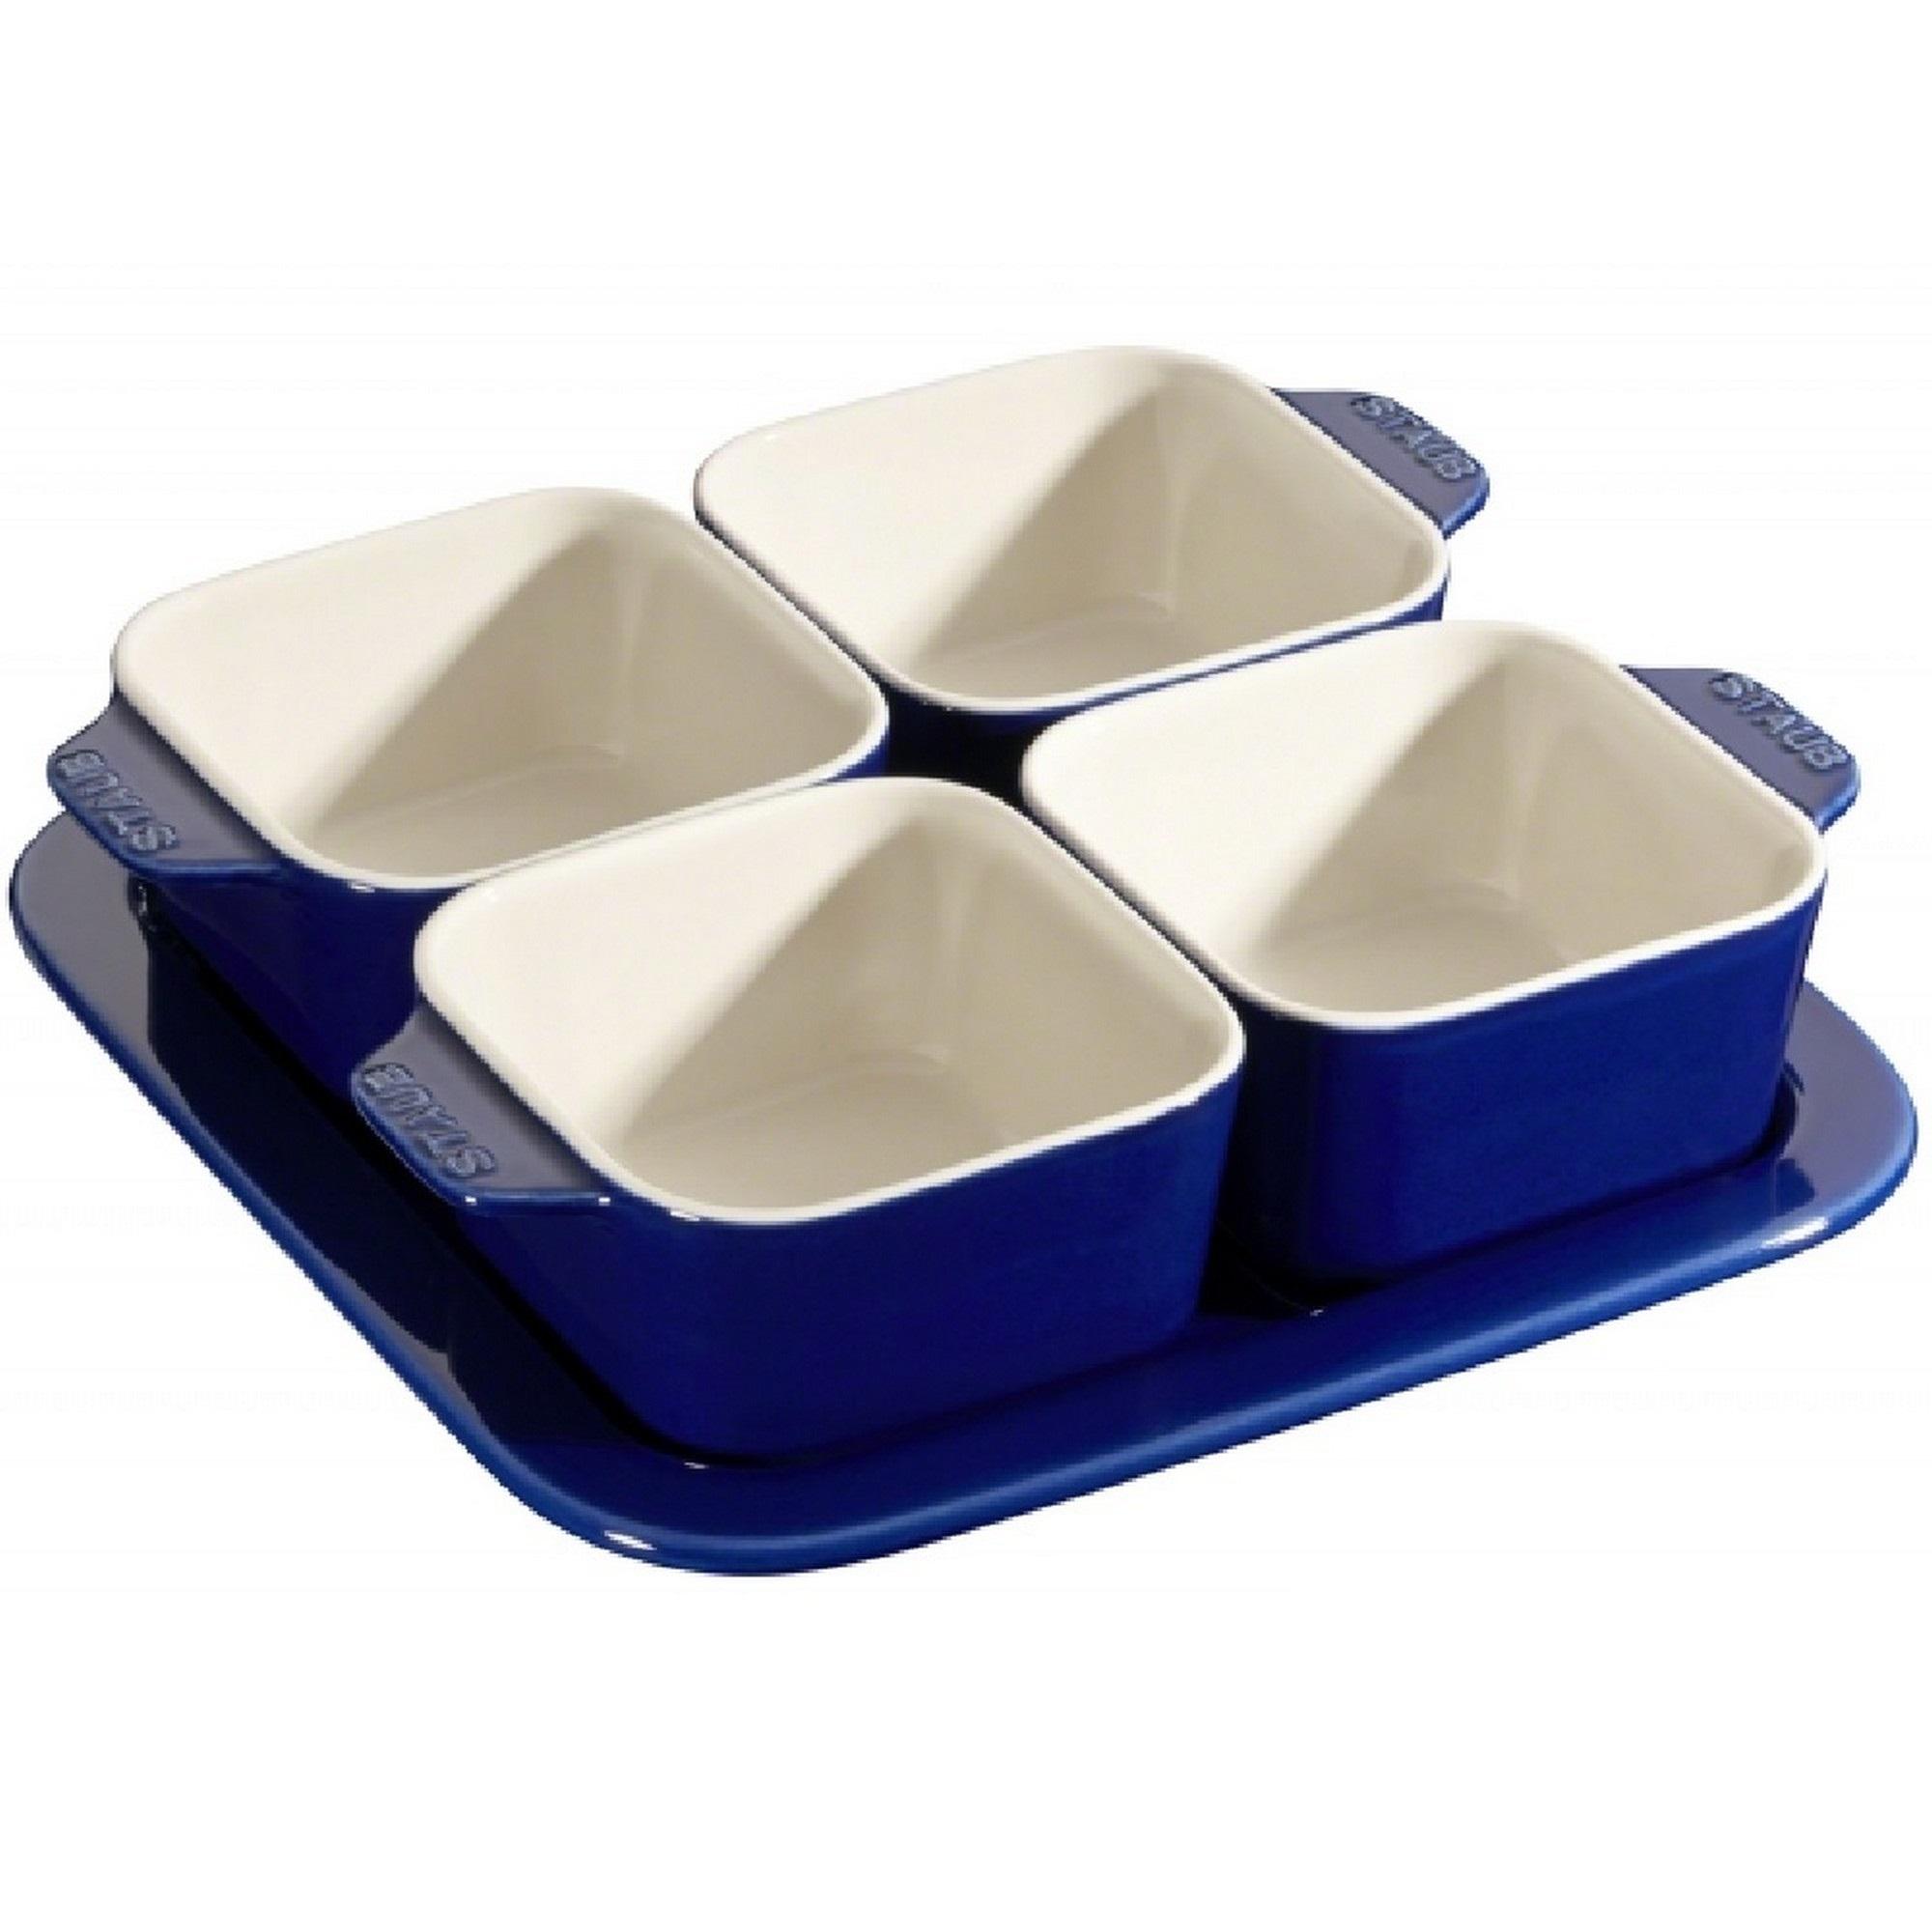 Conjunto para Aperitivos Azul Marinho Staub Ceramic